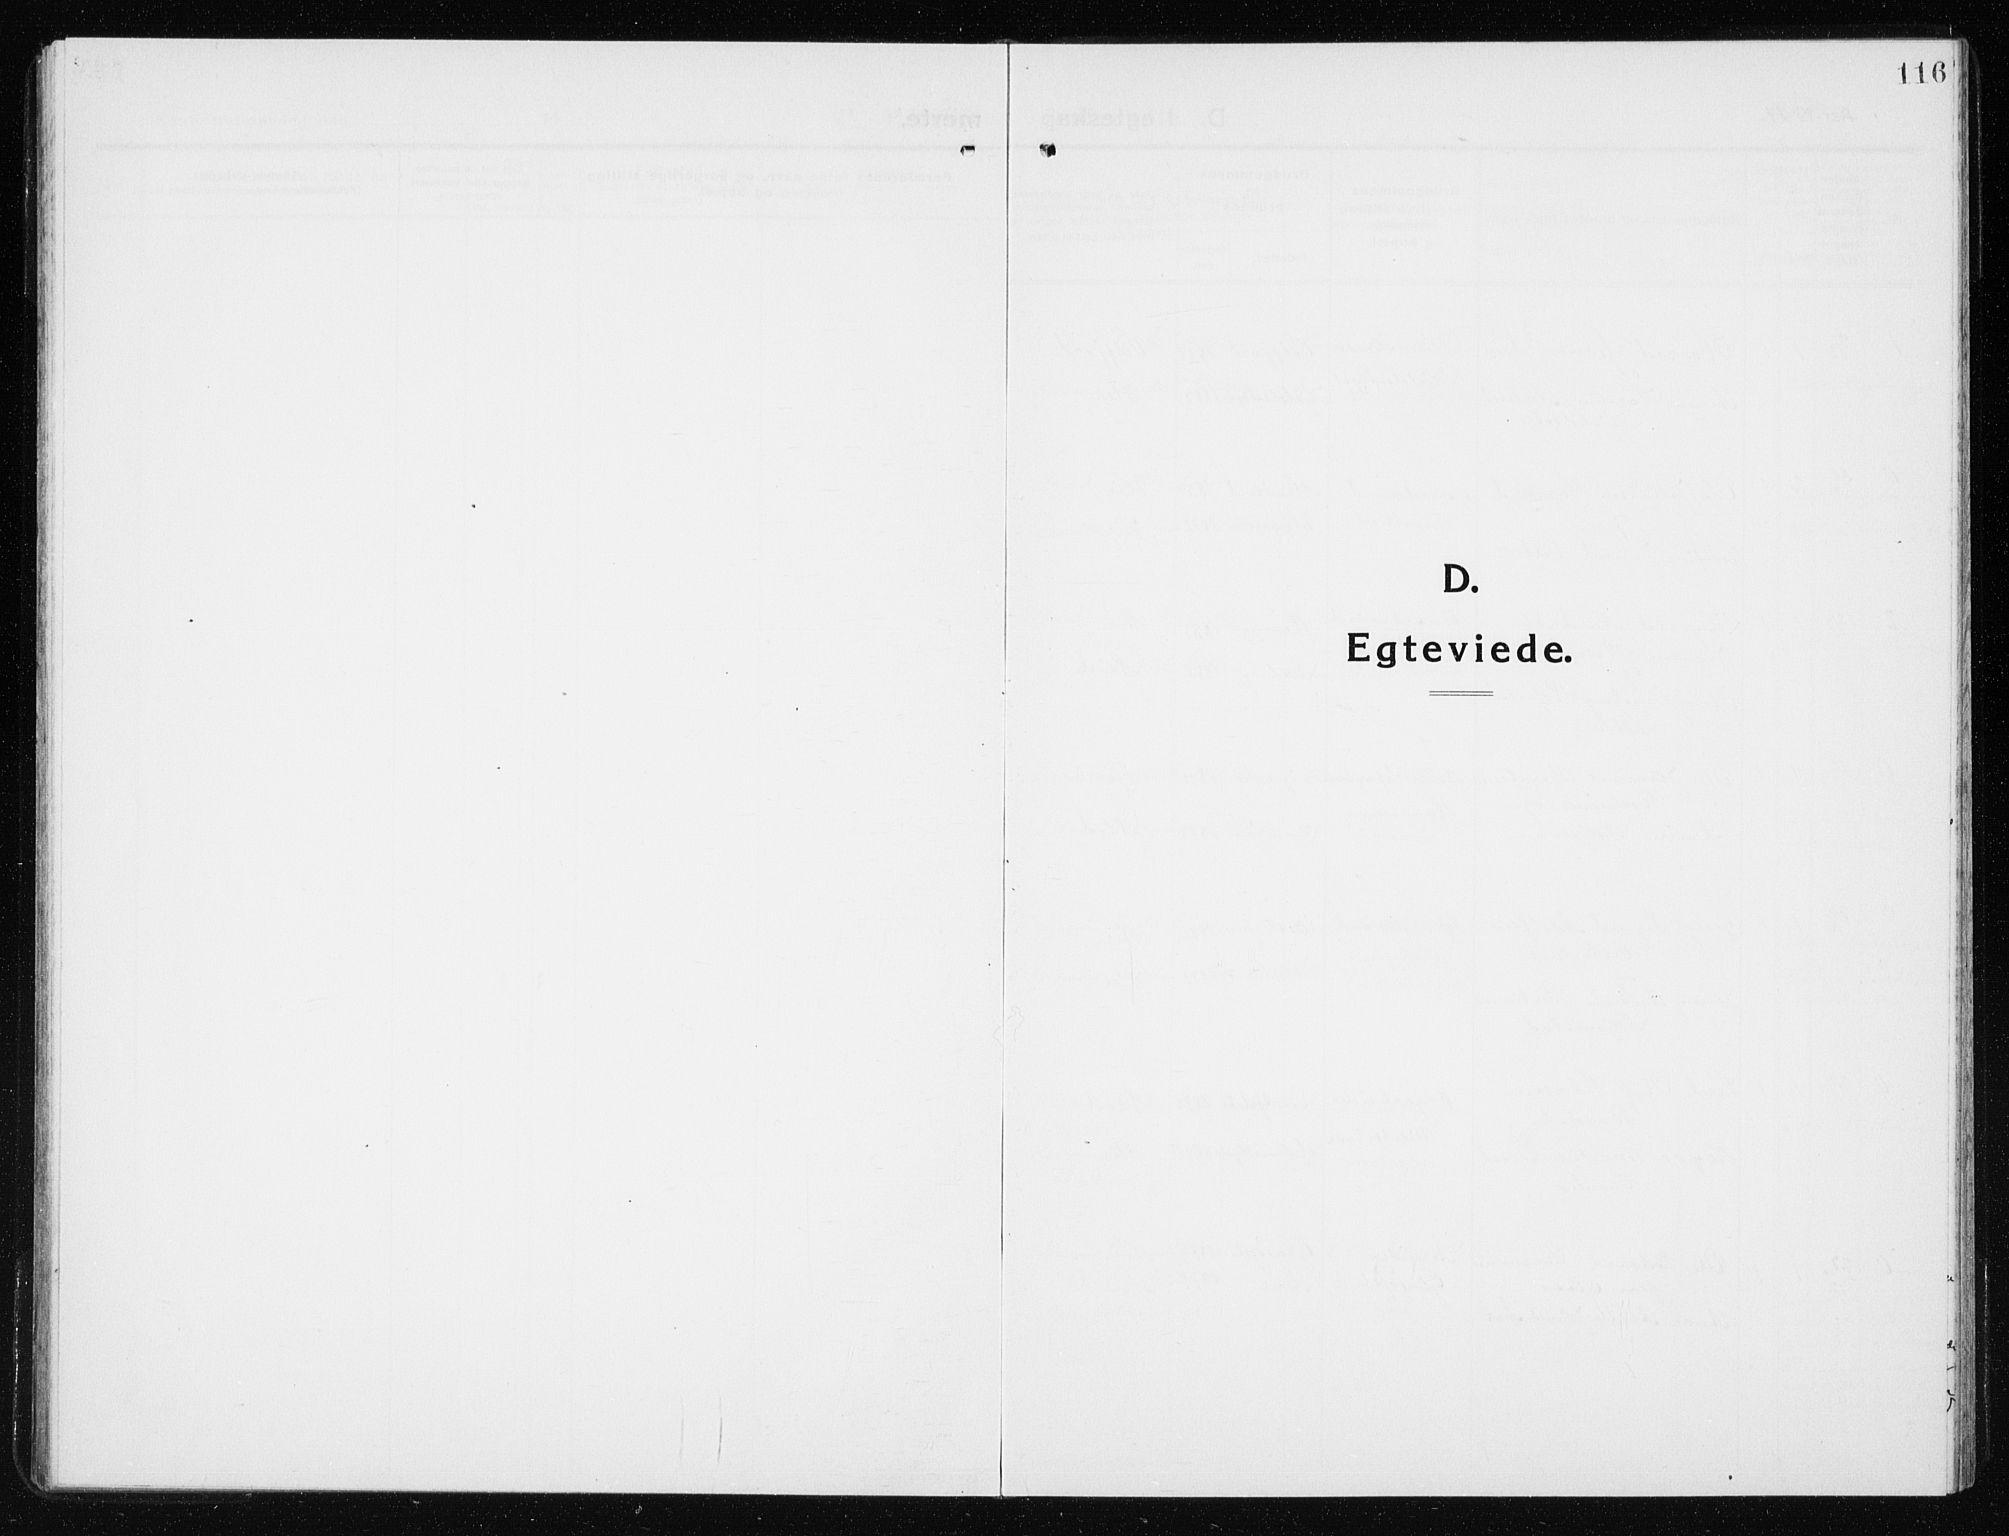 SAT, Ministerialprotokoller, klokkerbøker og fødselsregistre - Nord-Trøndelag, 741/L0402: Klokkerbok nr. 741C03, 1911-1926, s. 116